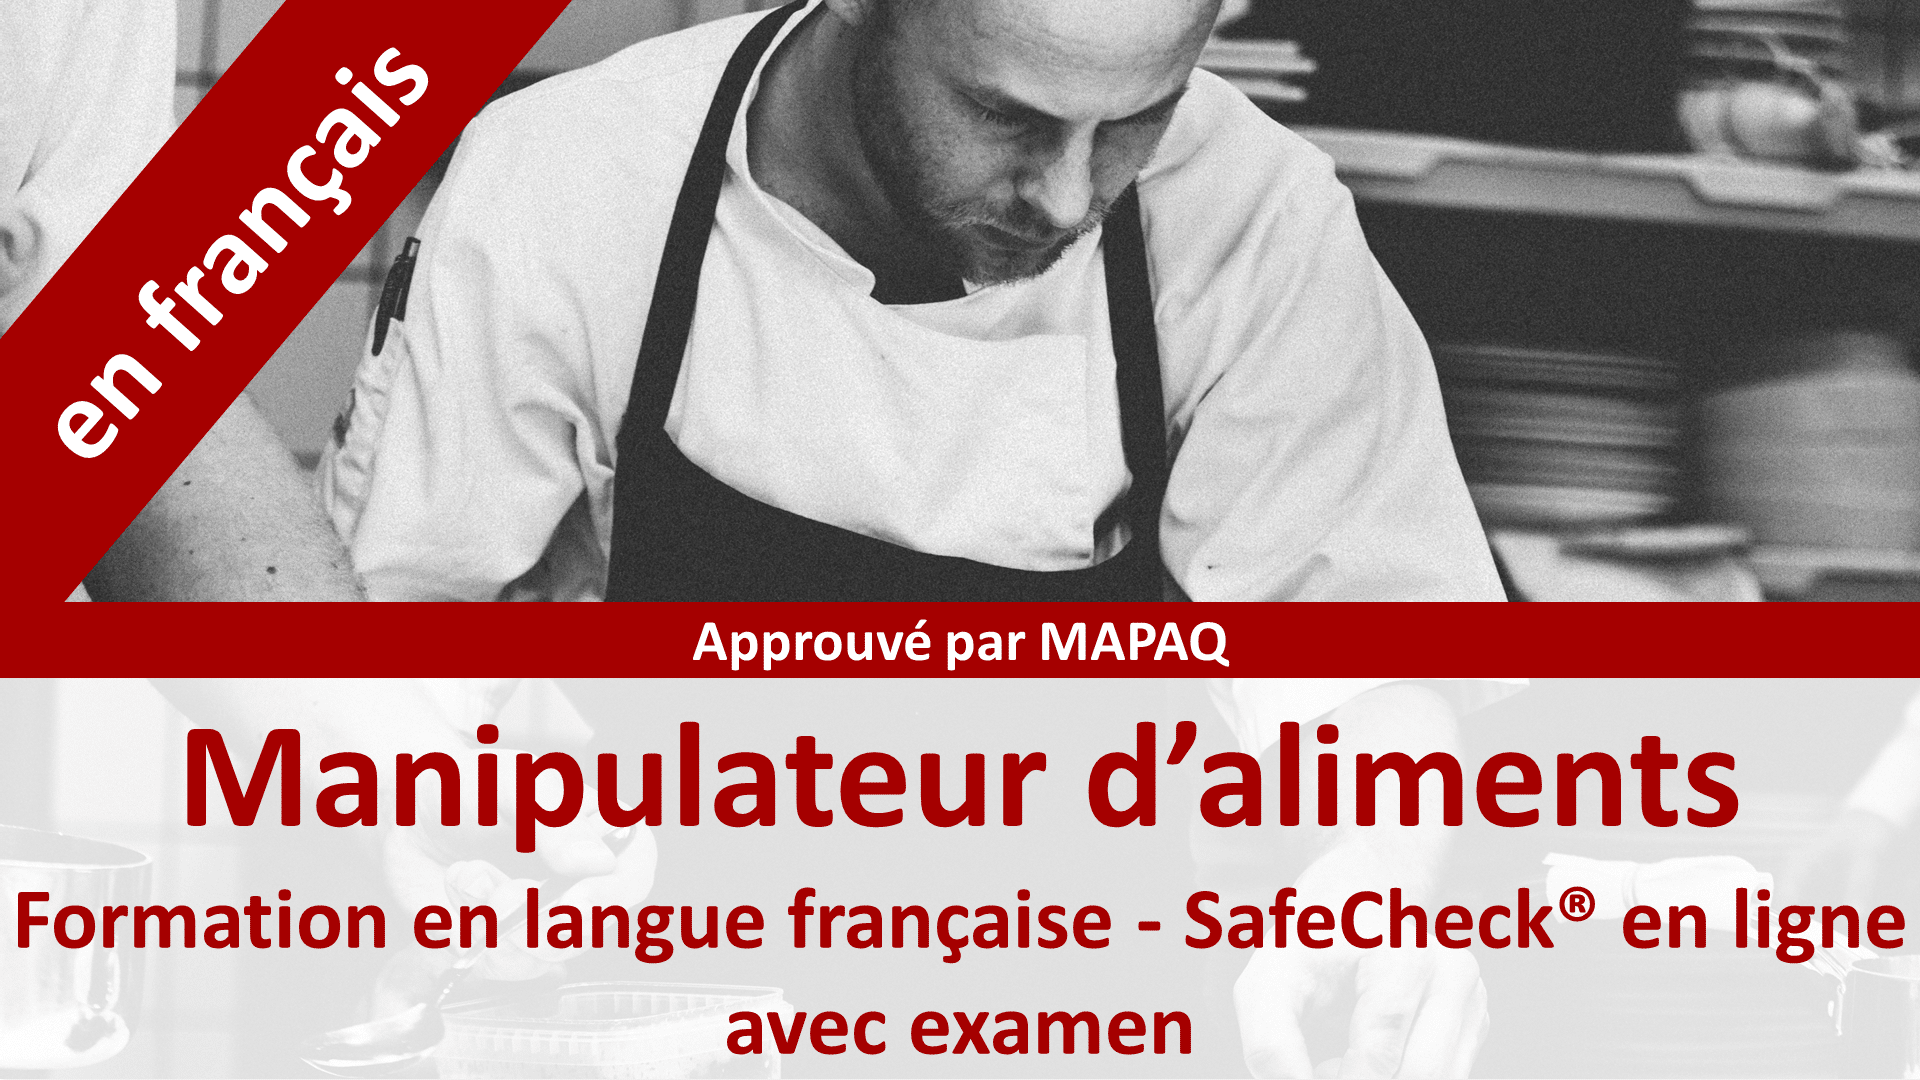 Manipulateur d'aliments - MAPAQ